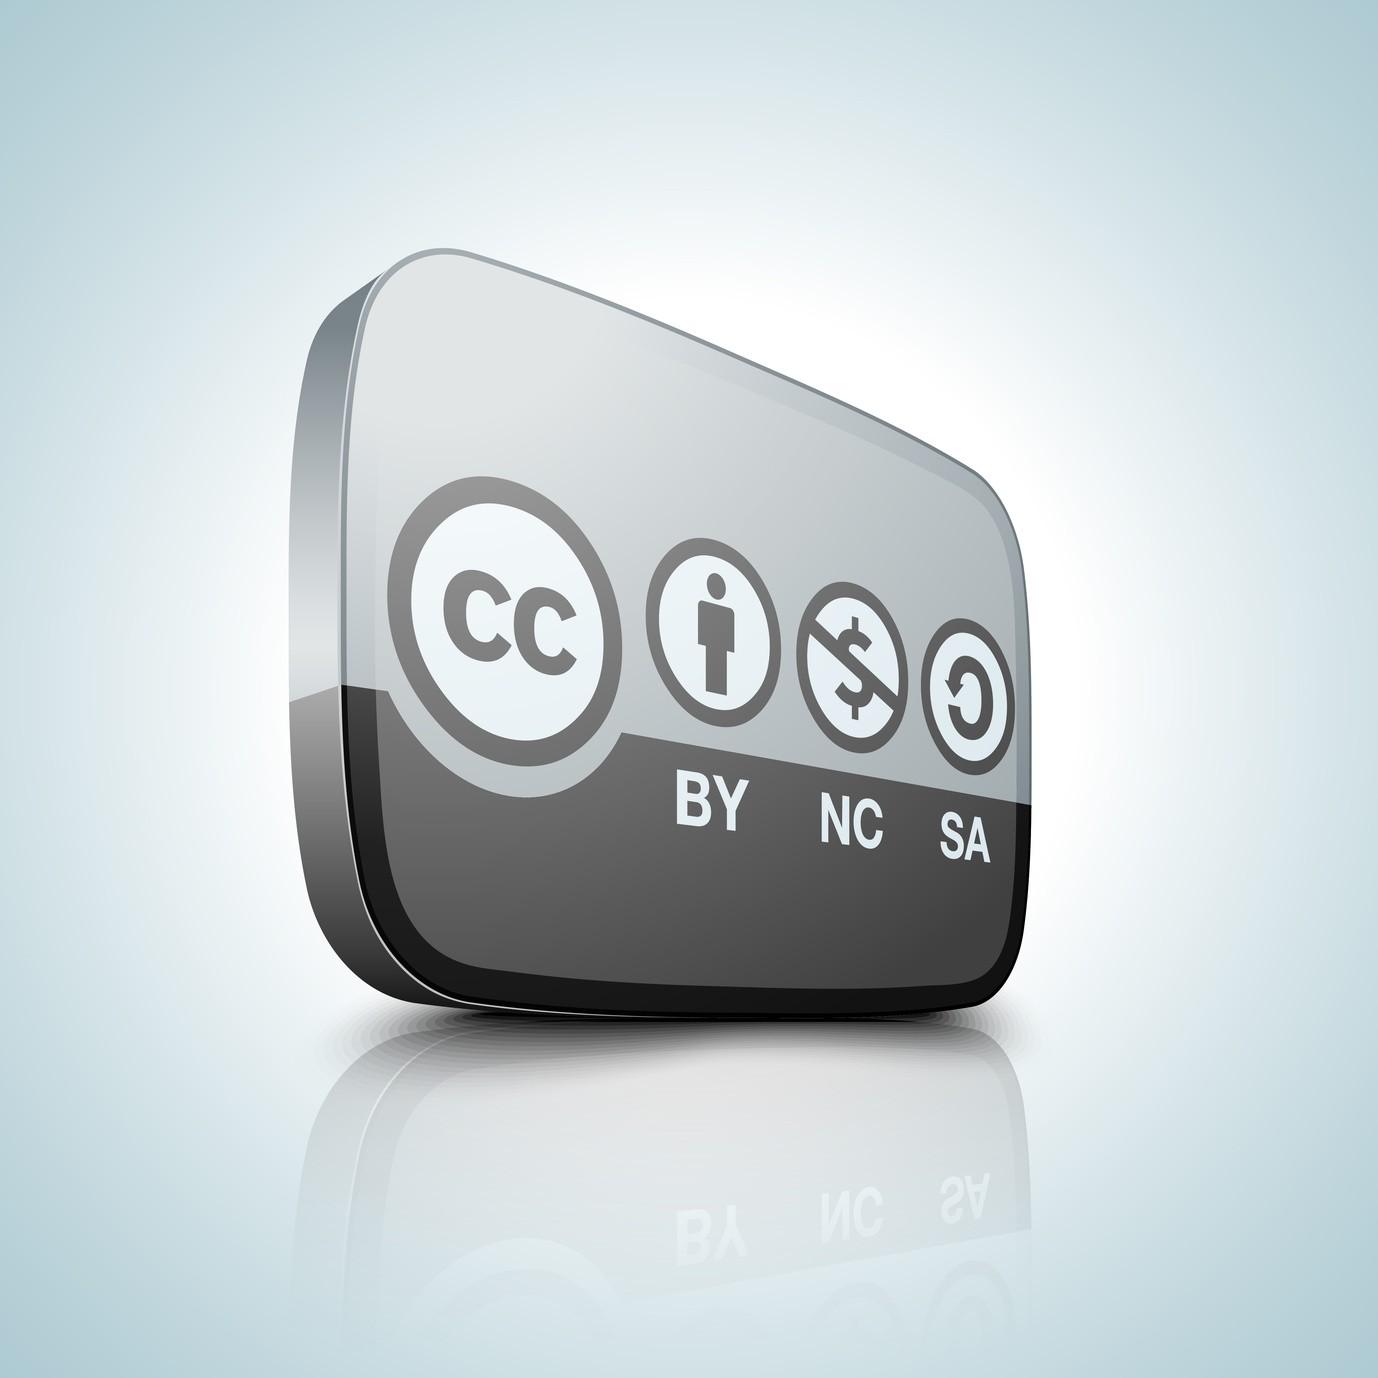 Enseignement supérieur : Open source et Creative Commons préconisés pour les ressources pédagogiques